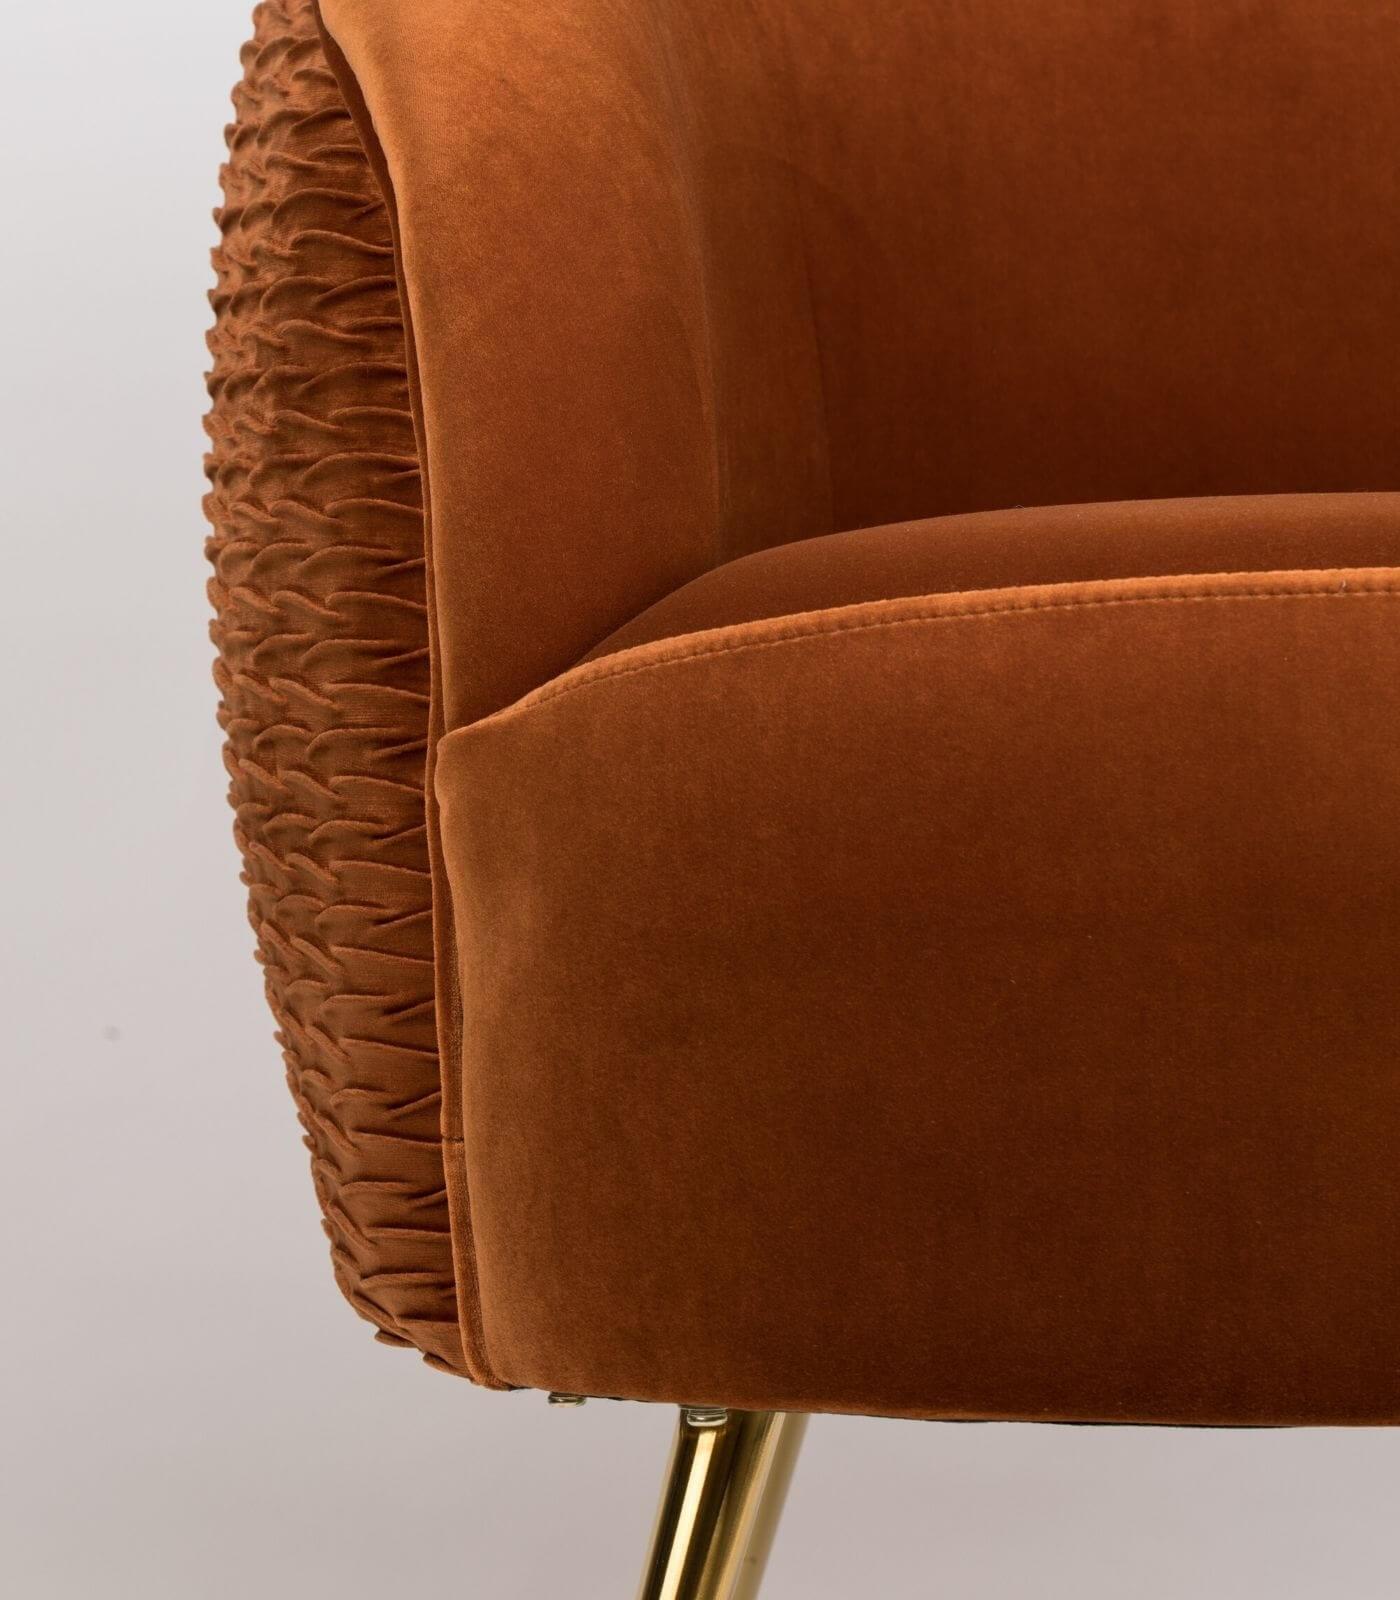 fauteuil curvy 5